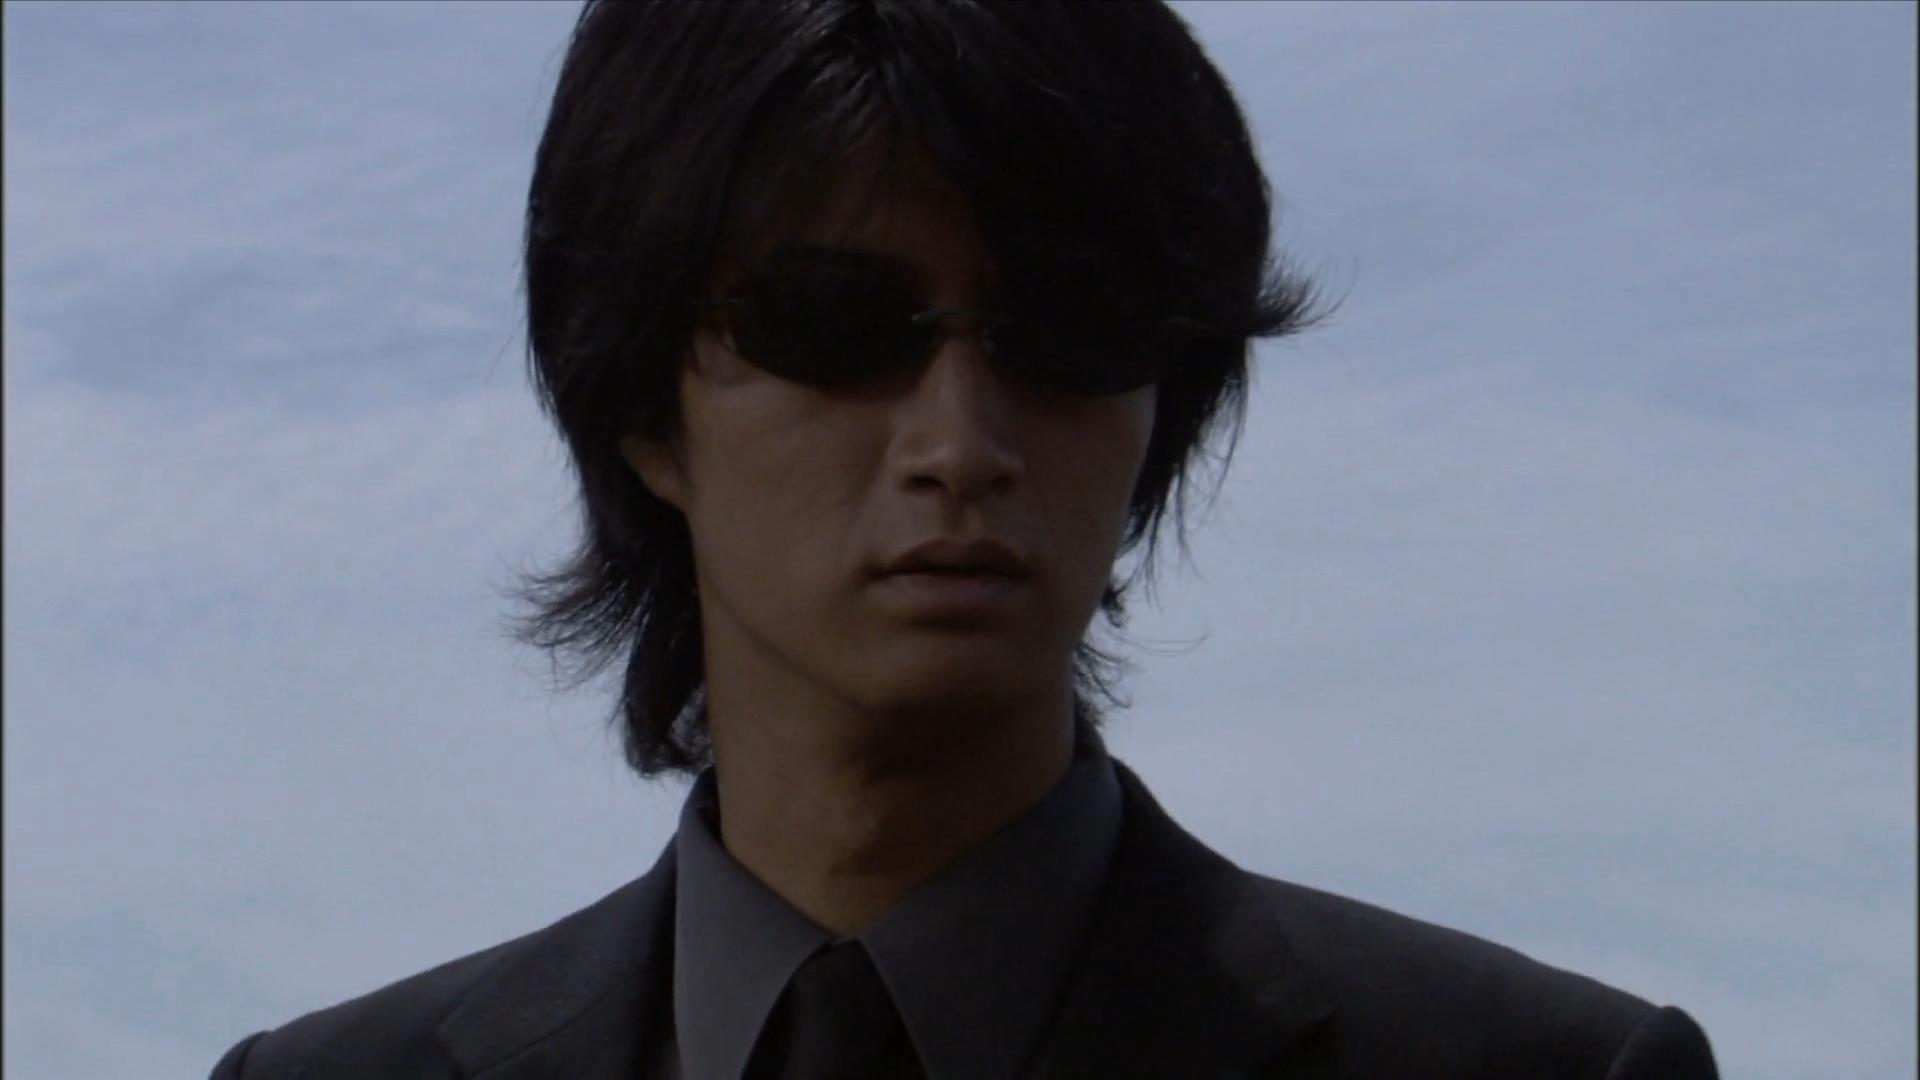 Sakuya Tachibana/Missing Ace